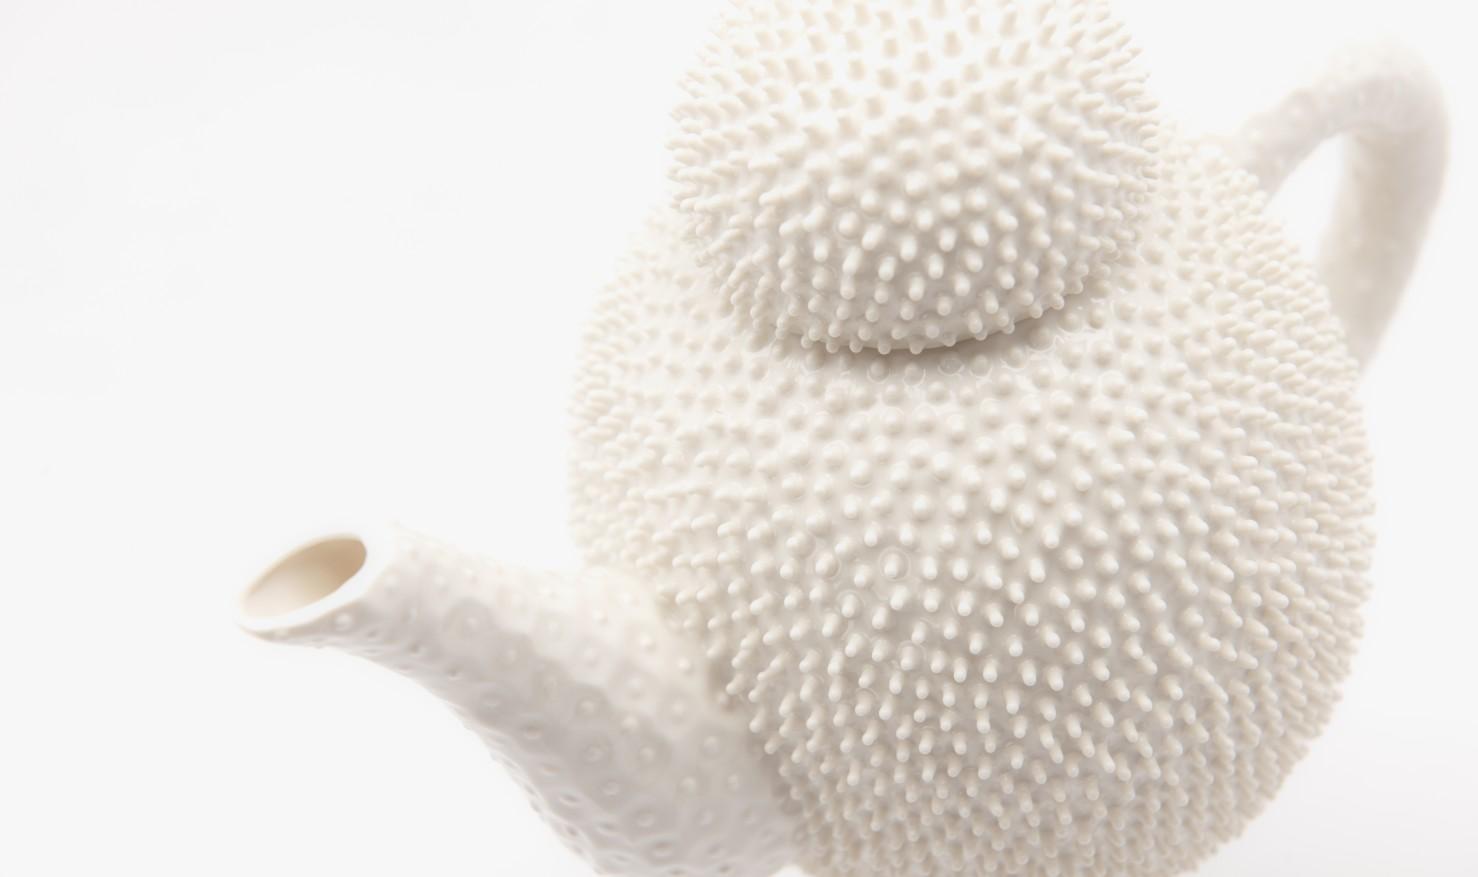 Nucleolus teaset by IKUKO Iwamoto / IKUKO Iwamoto